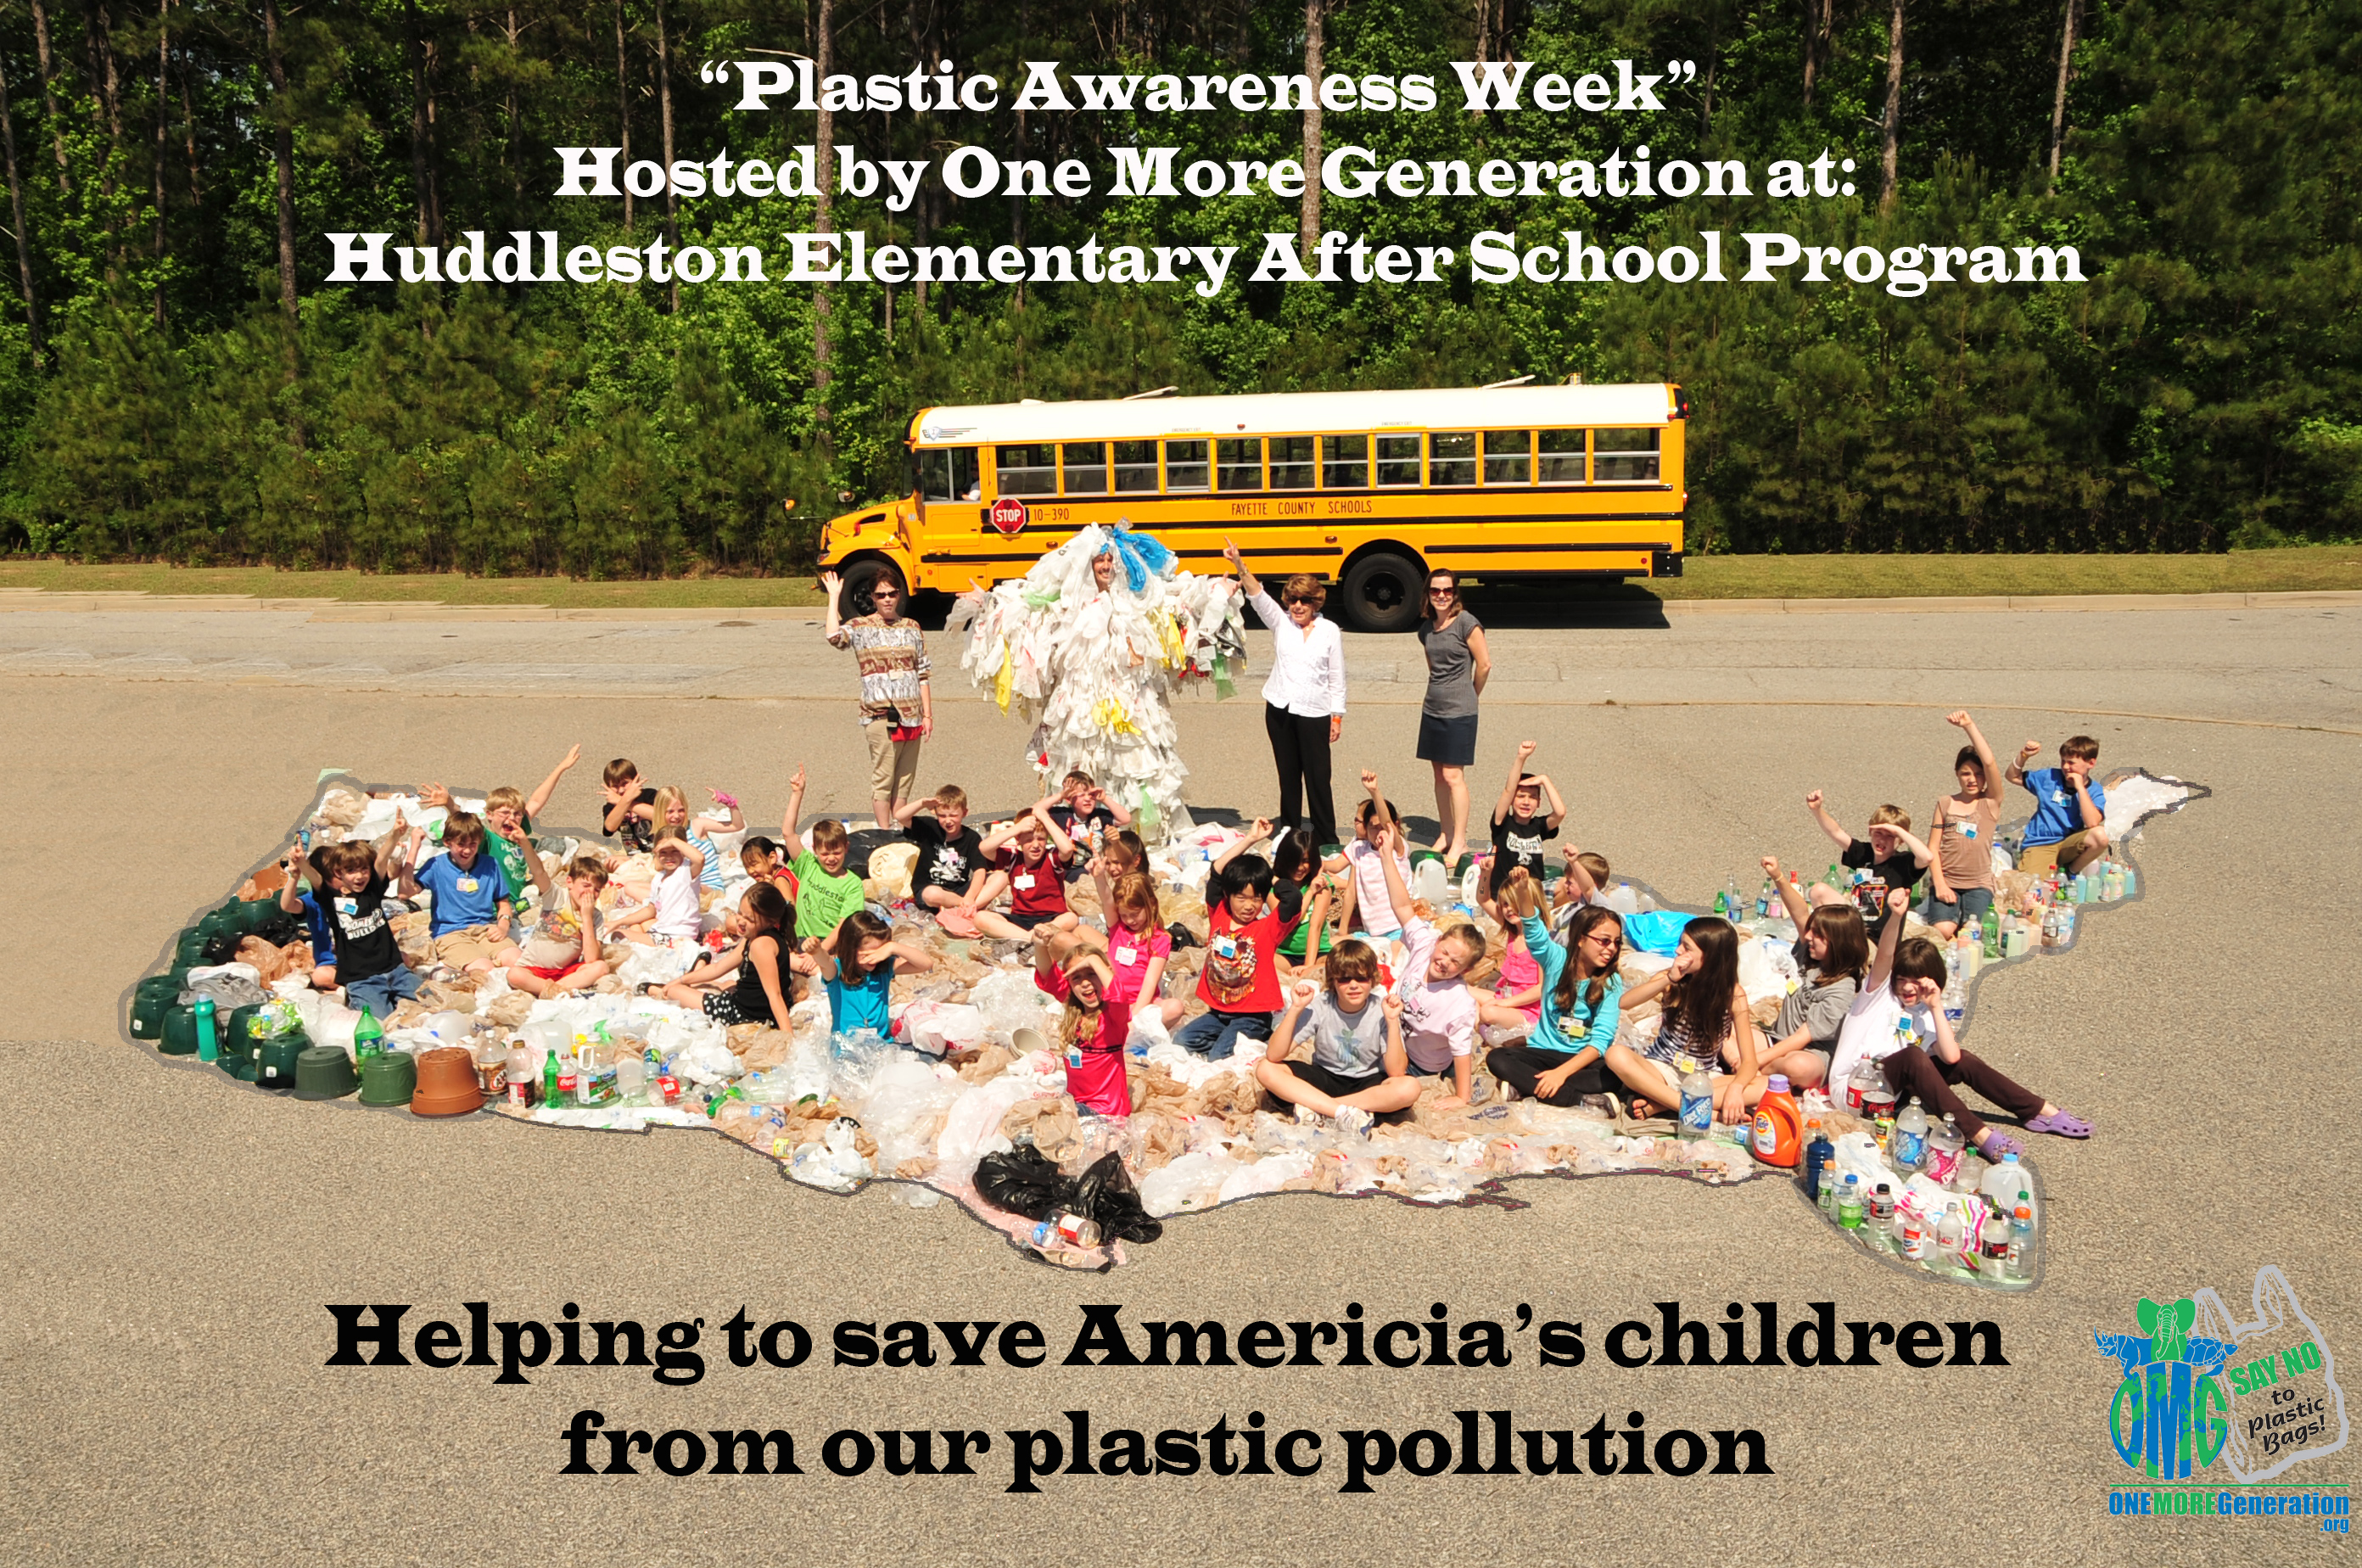 Huddleston Elementary 'After School Program' Talks Trash